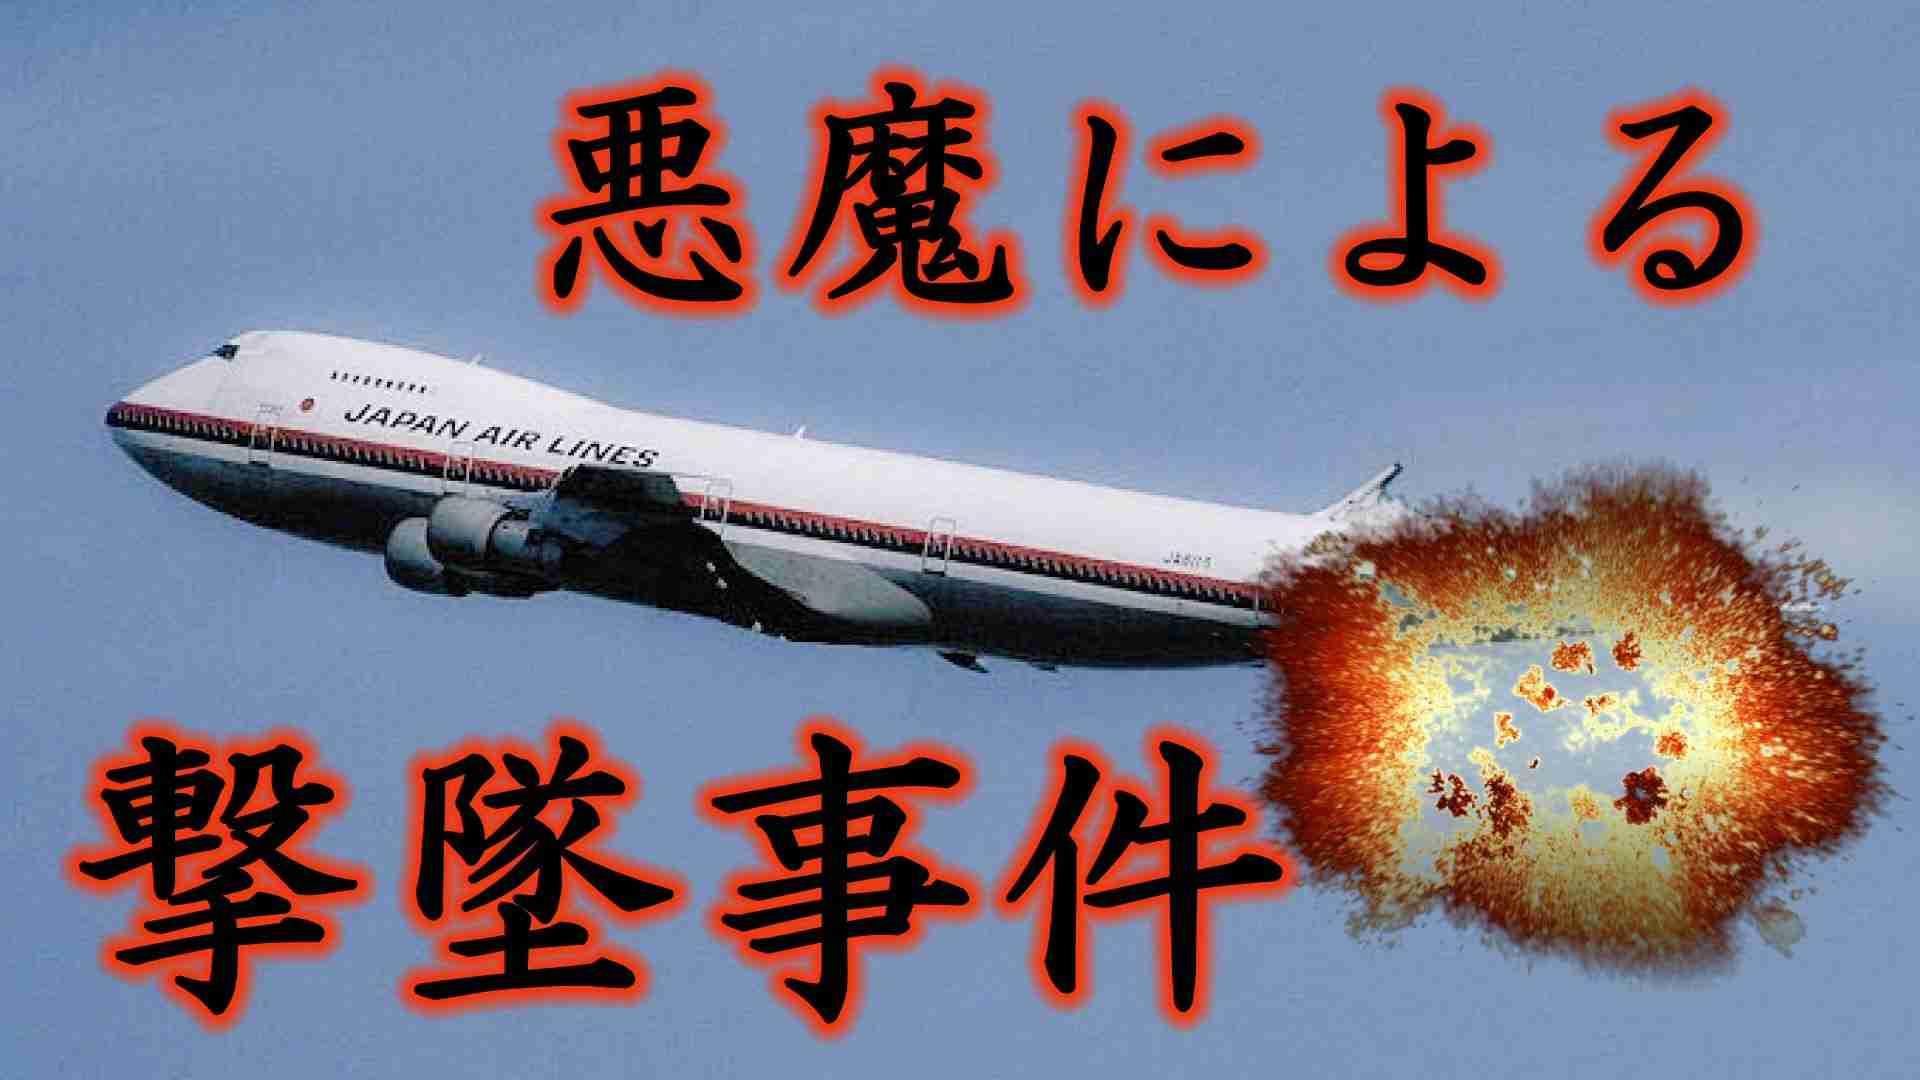 【日本航空123便】~悪魔による撃墜事件~『新・霊界物語 十一話』 - YouTube